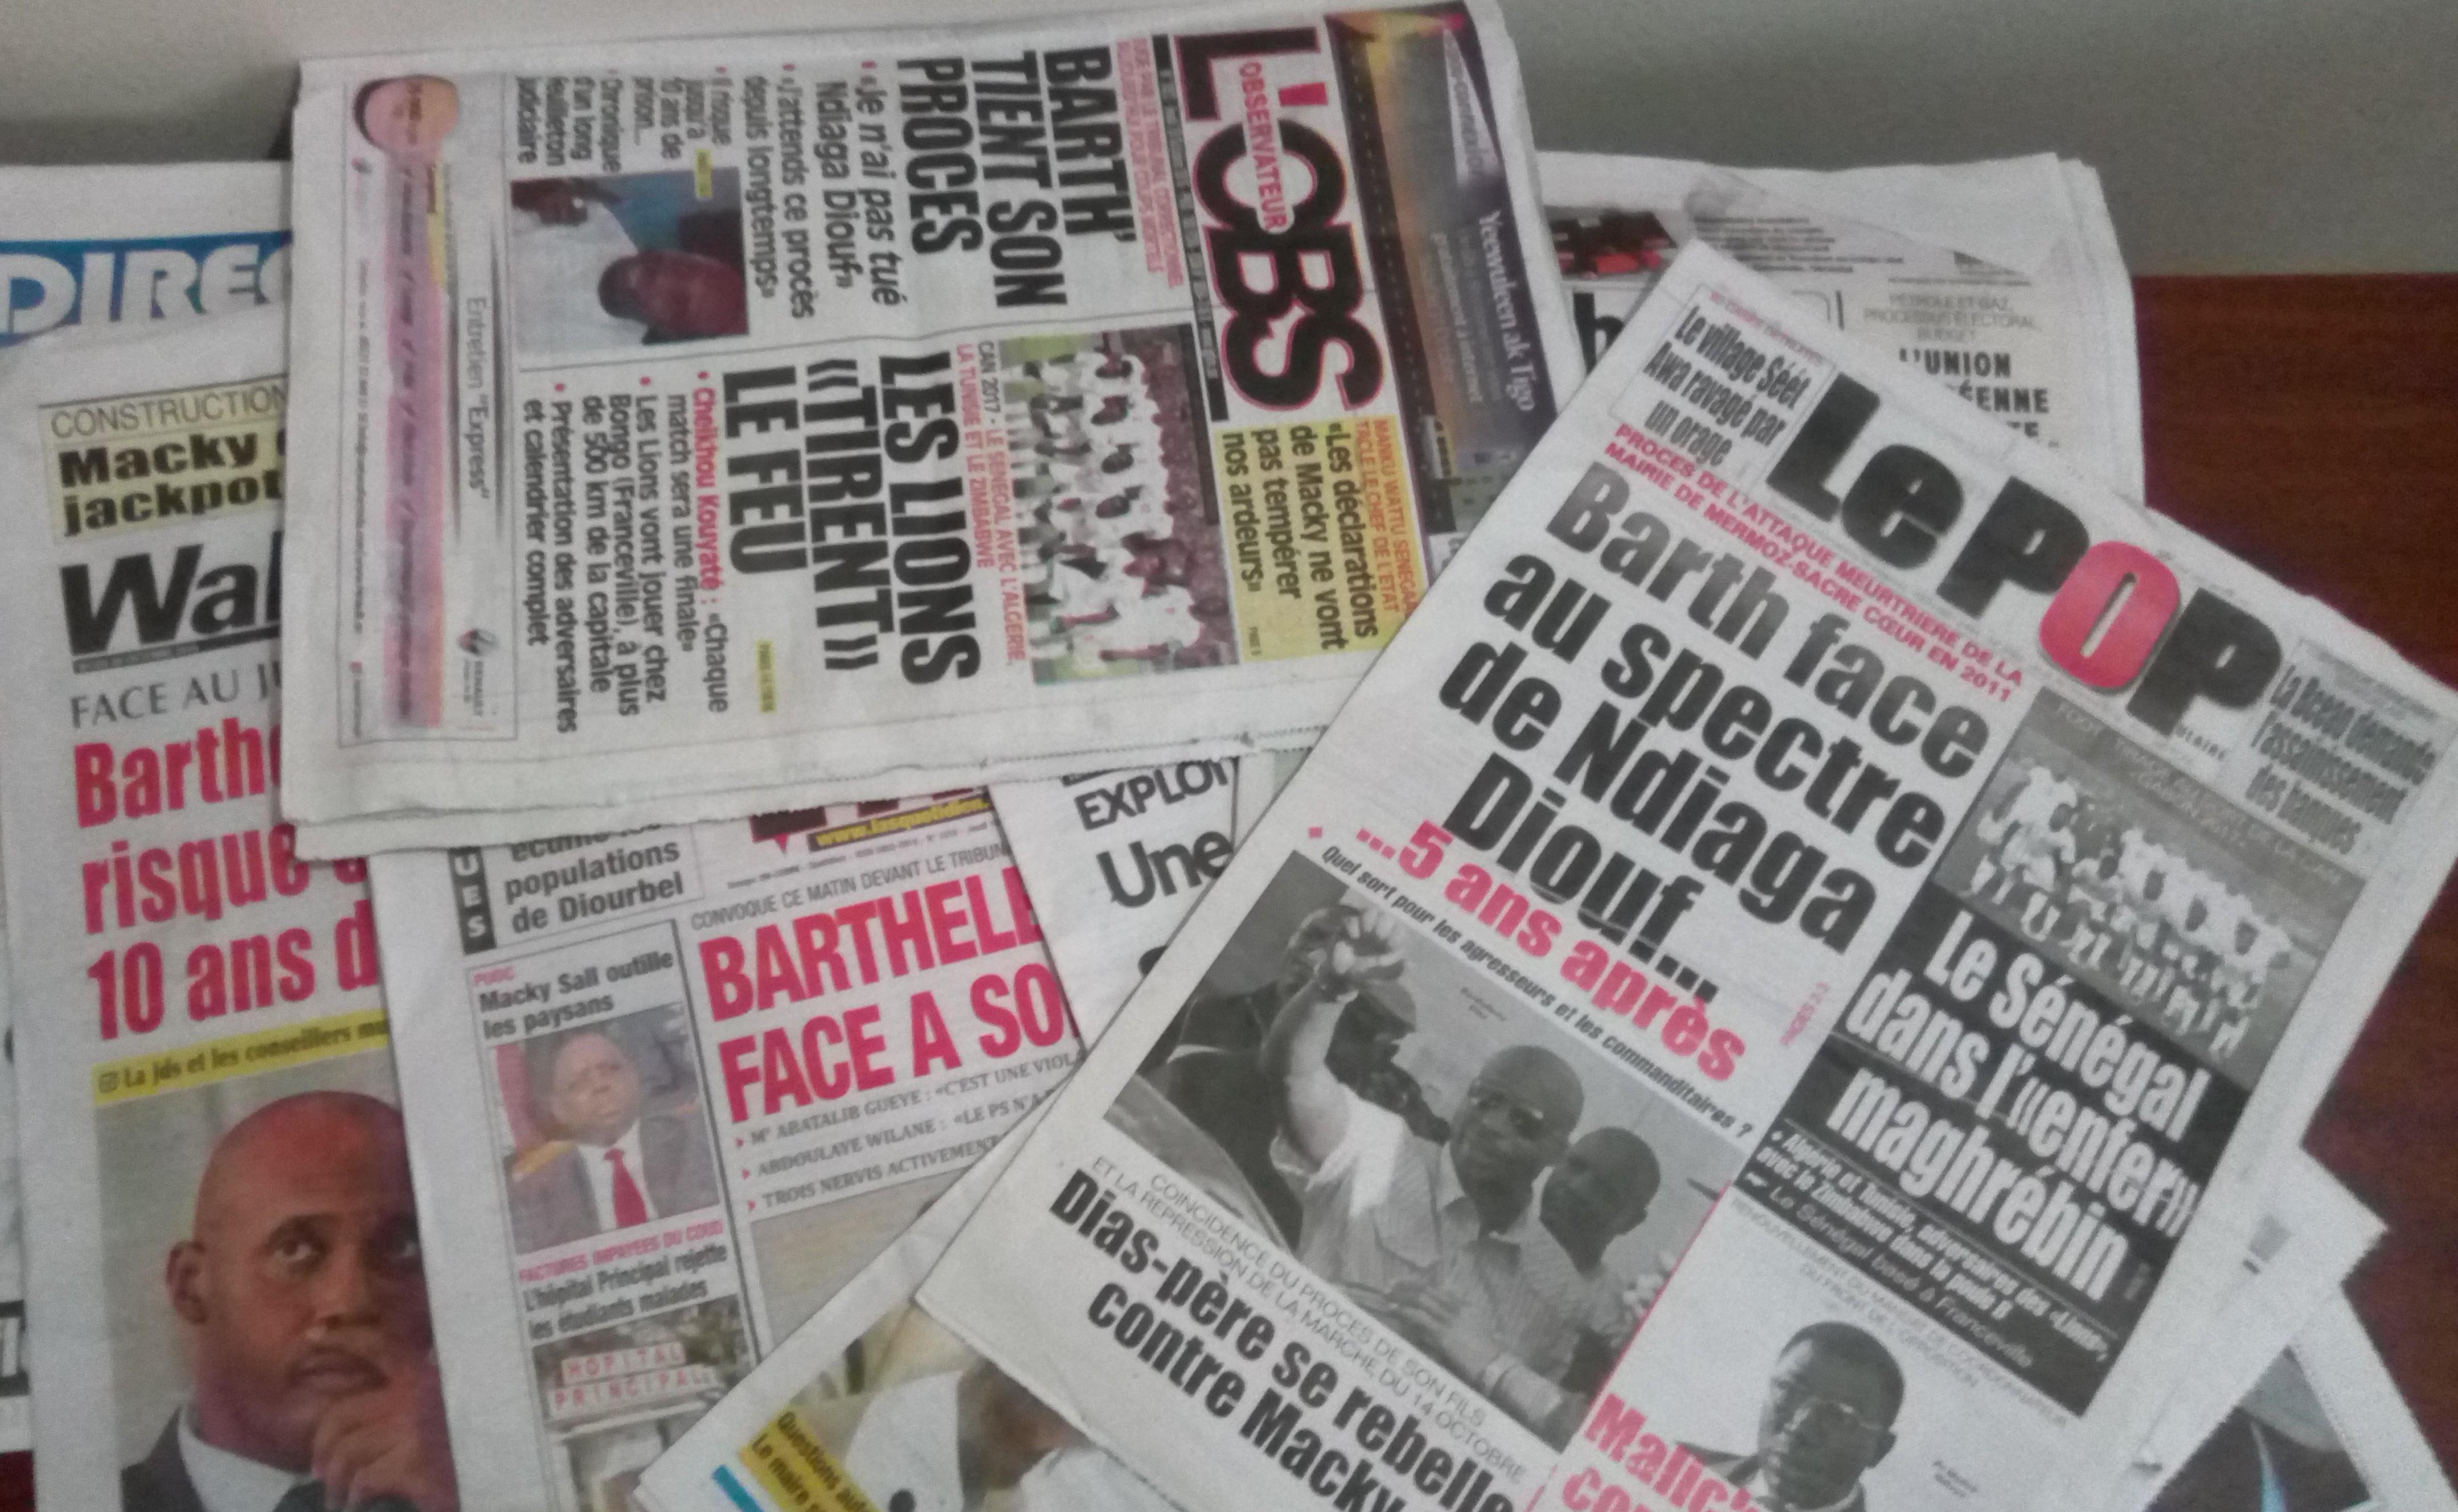 La Une des journaux du 20 octobre 2016: Le procès Barthélémy Dias en vedette